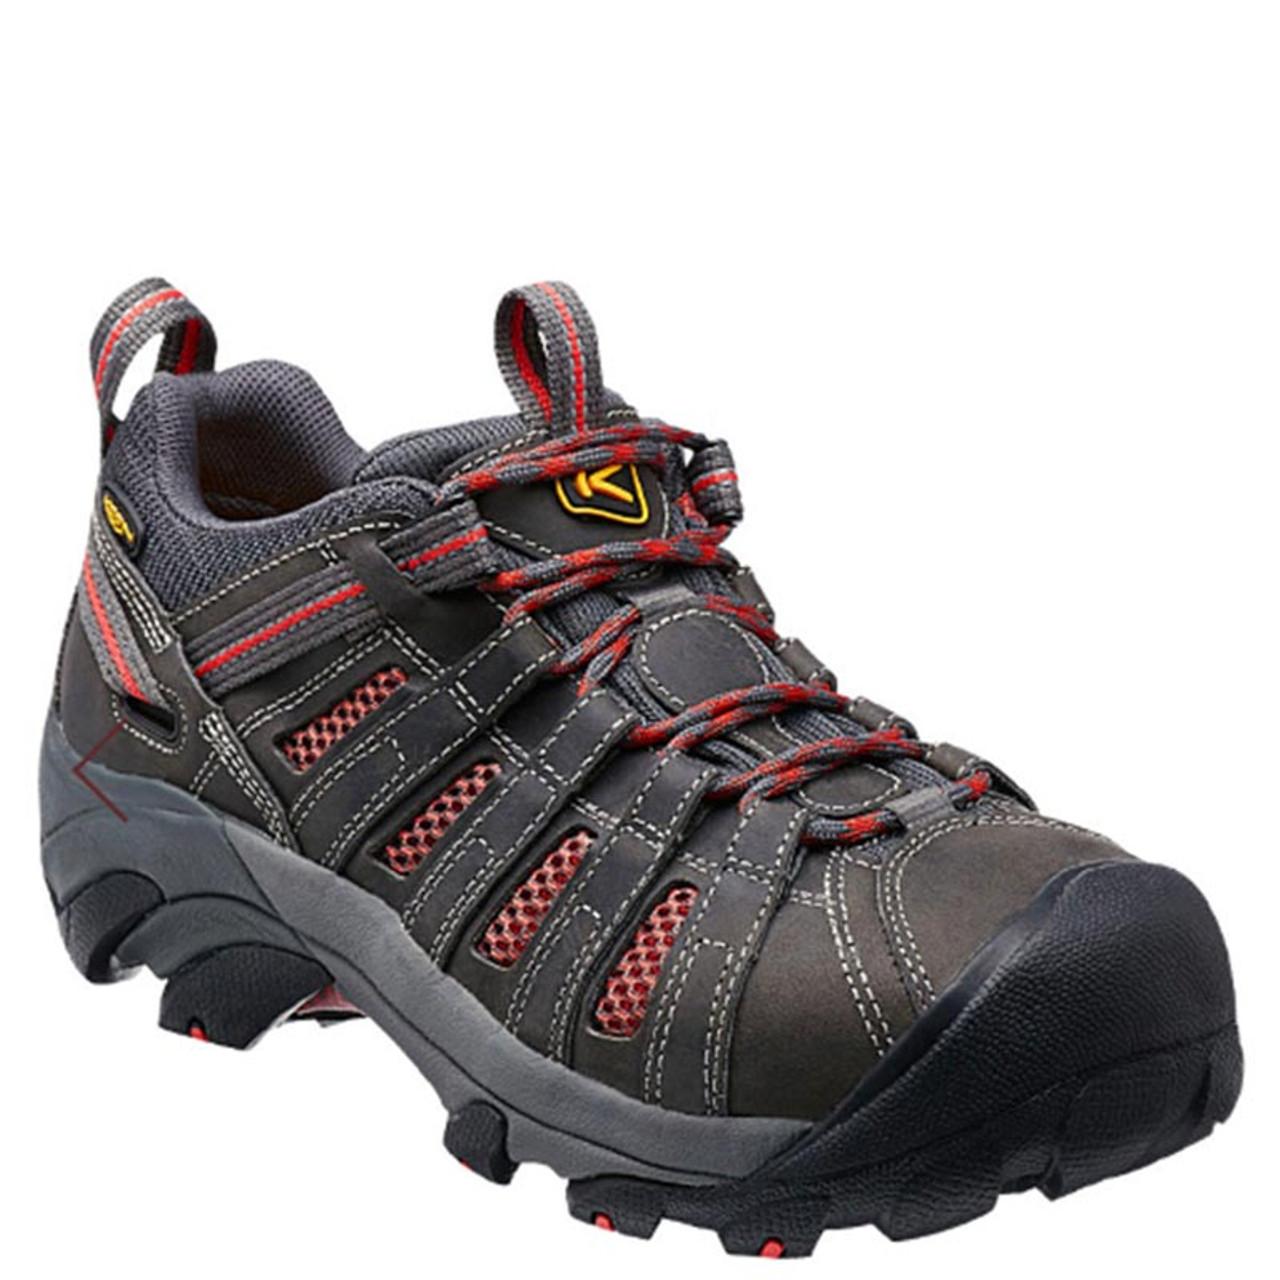 Keen Utility 1014598 Women's FLINT LOW Steel Toe Work Shoes Magnet Rose -  Family Footwear Center